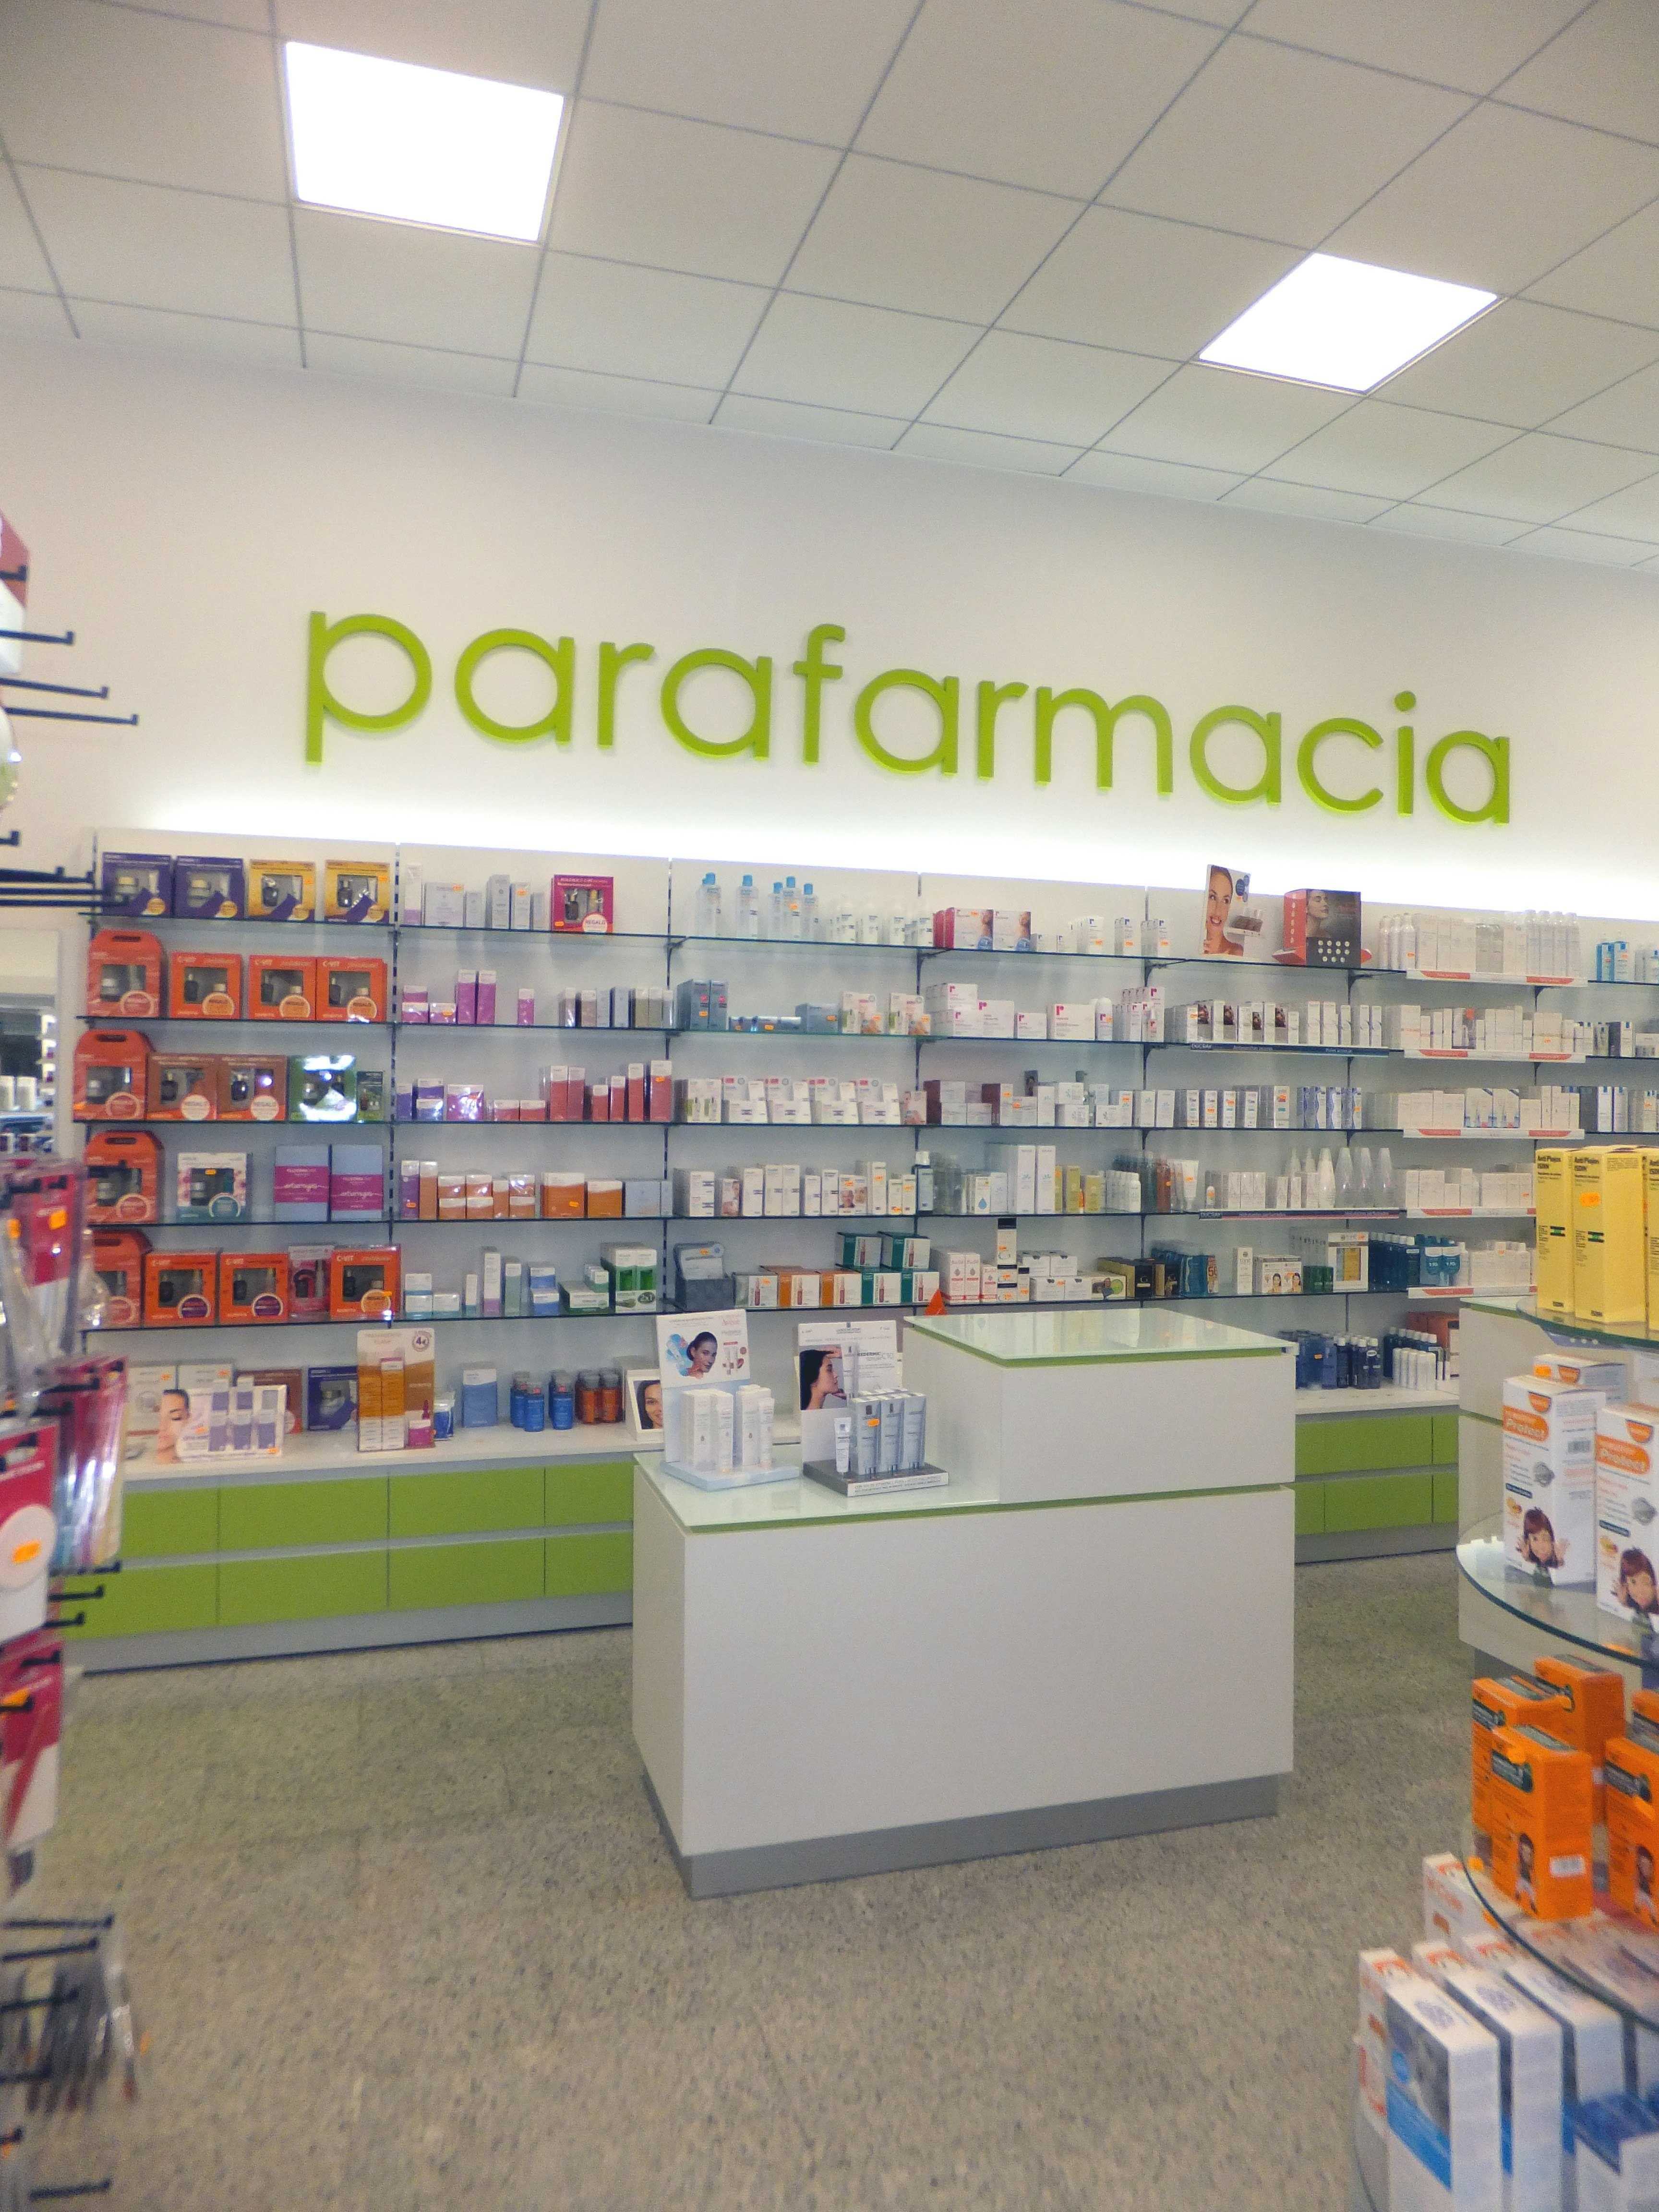 Parafarmacia Azorin Con Imagenes Decoracion De Unas Farmacia